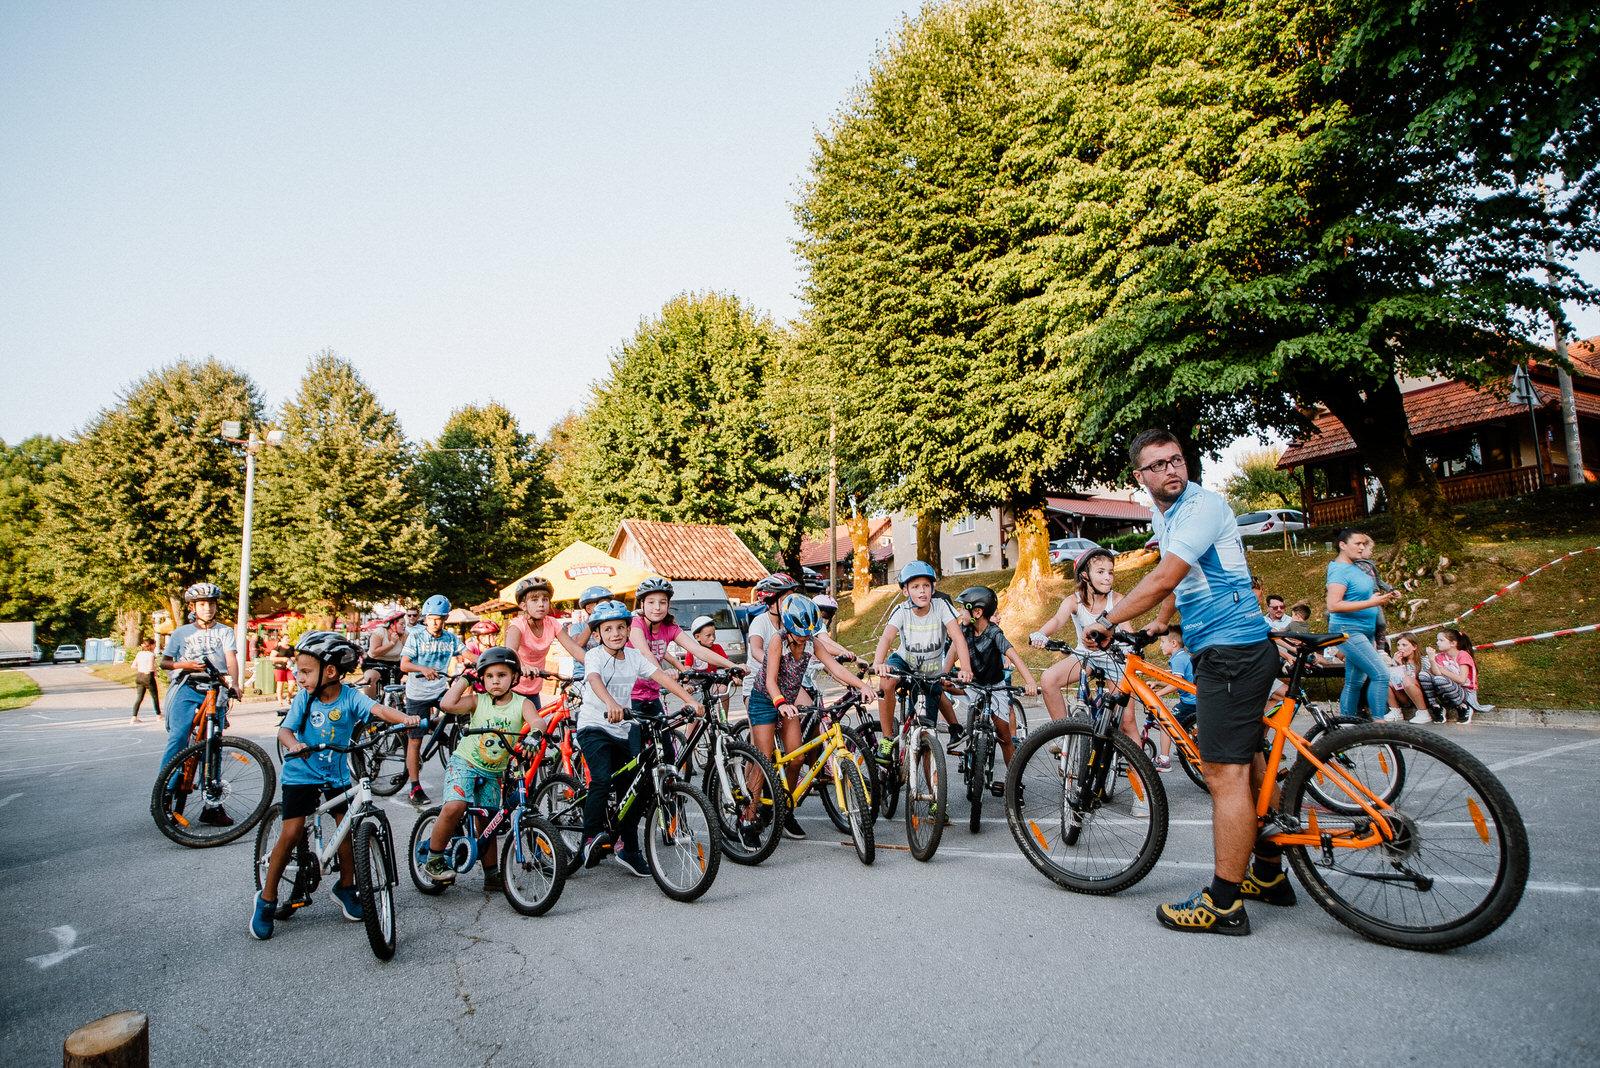 likaclub_rakovica_1-mala-biciklijada_2019-14